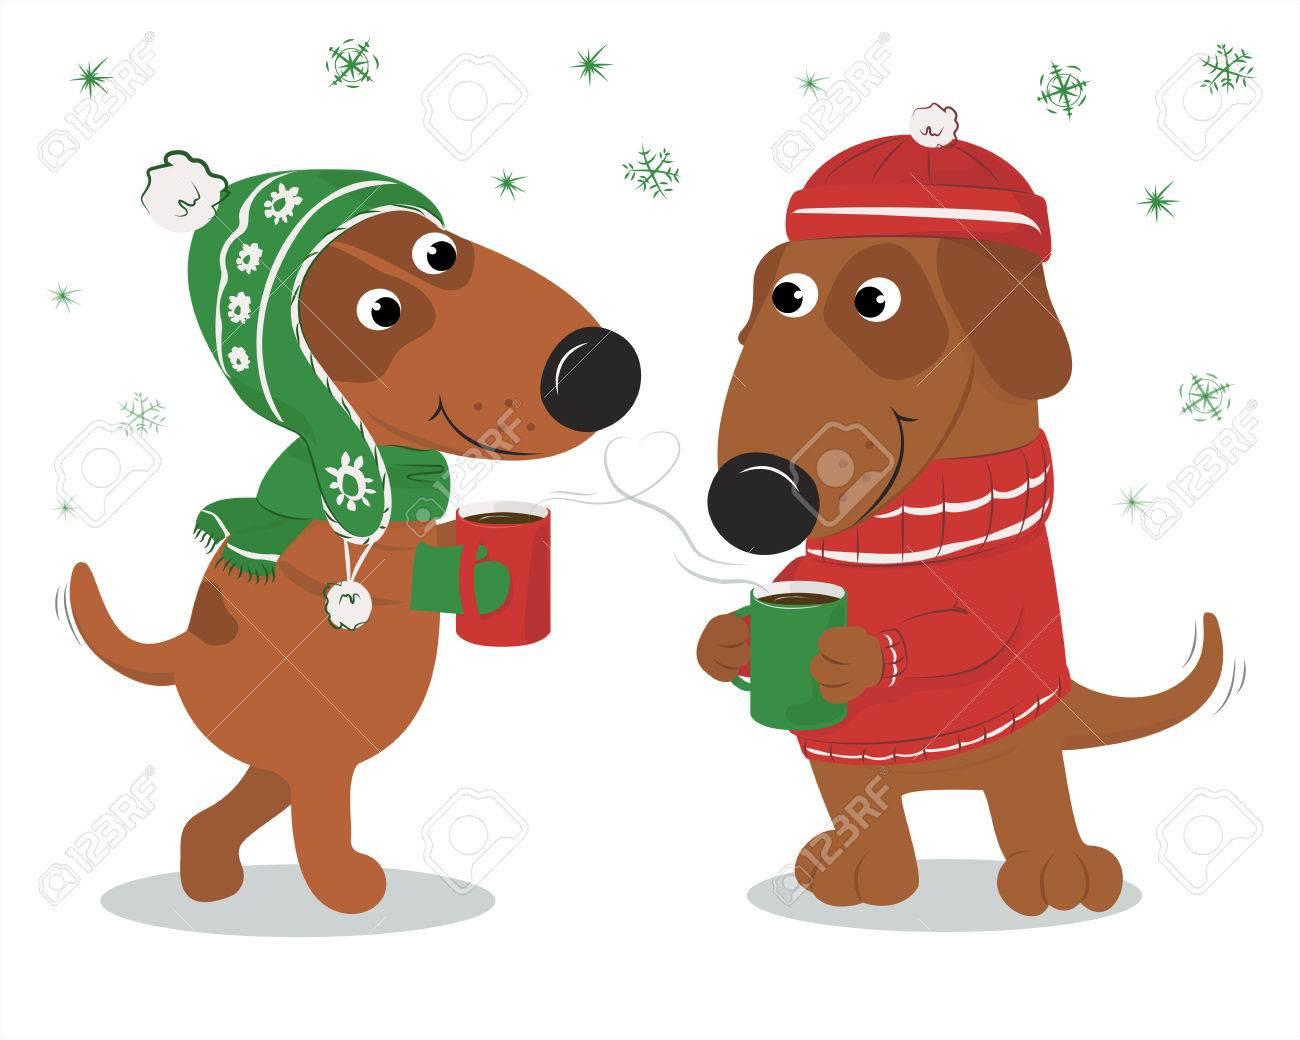 Vettoriale cartolina di natale con cani simpatico cartone